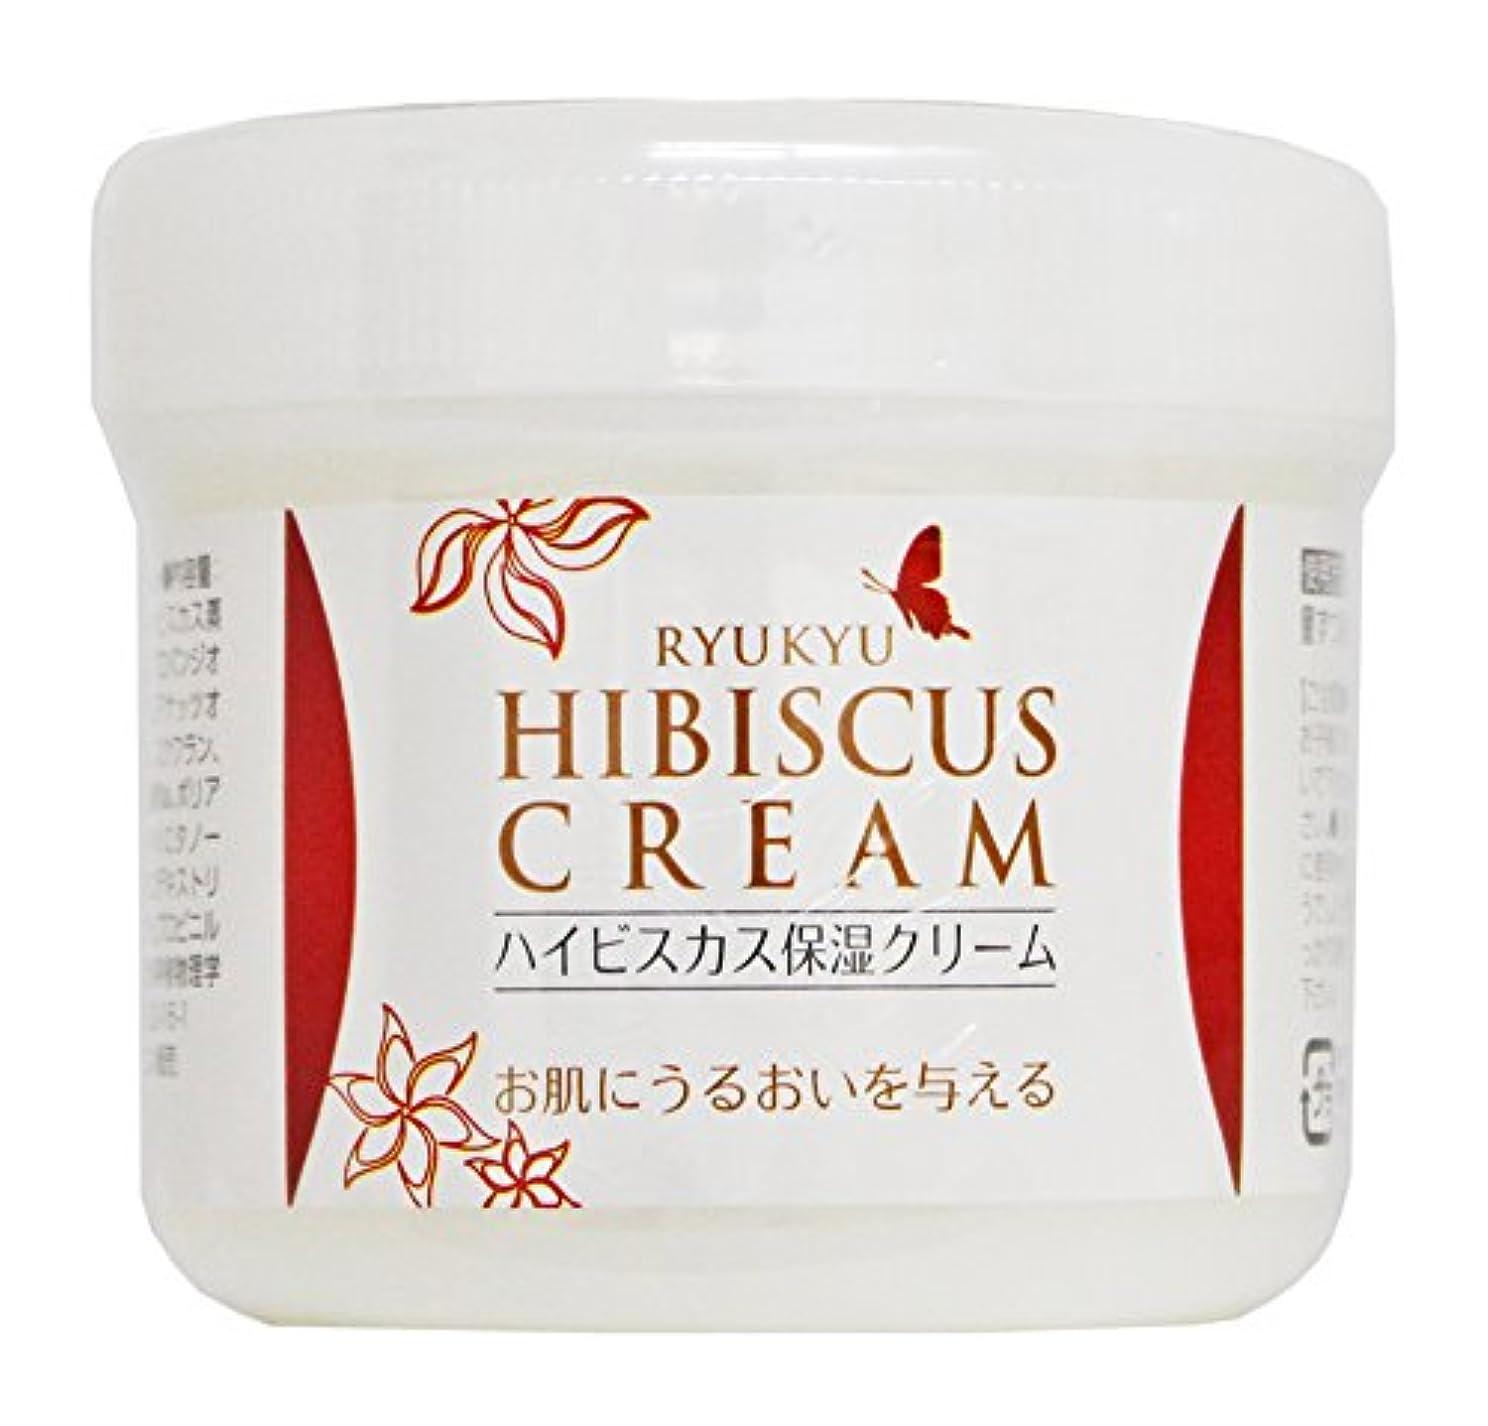 お肉贈り物メンタリティ琉球ハイビスカス保湿クリーム 100g